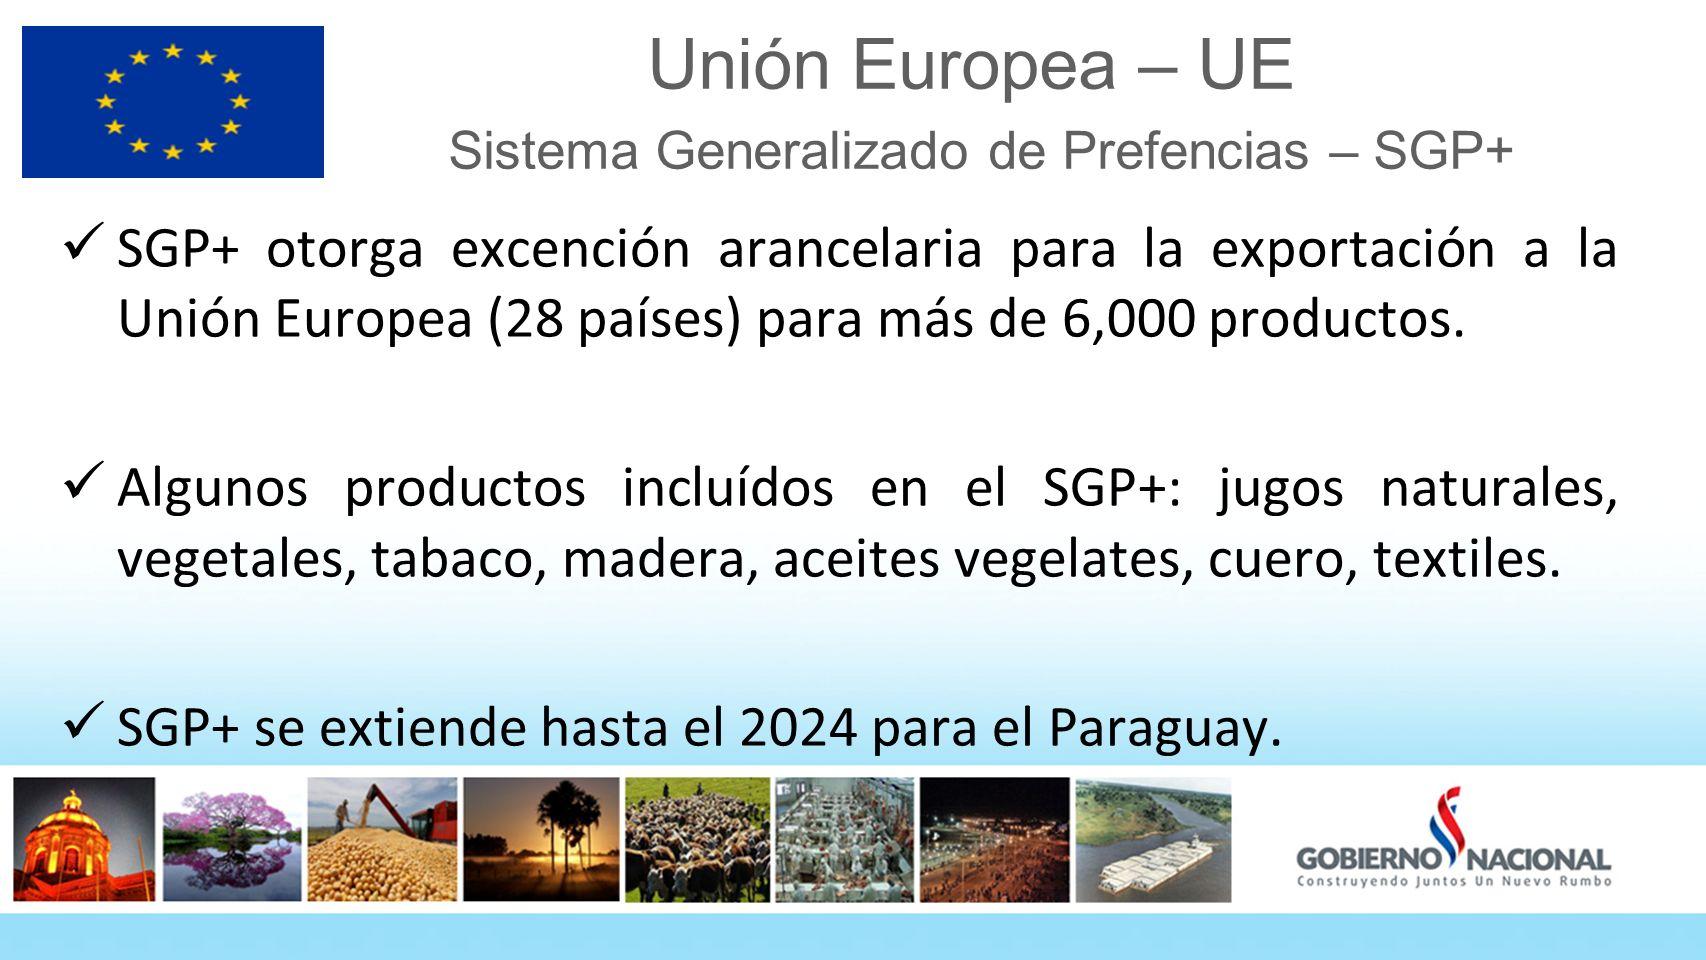 Unión Europea – UE Sistema Generalizado de Prefencias – SGP+ SGP+ otorga excención arancelaria para la exportación a la Unión Europea (28 países) para más de 6,000 productos.